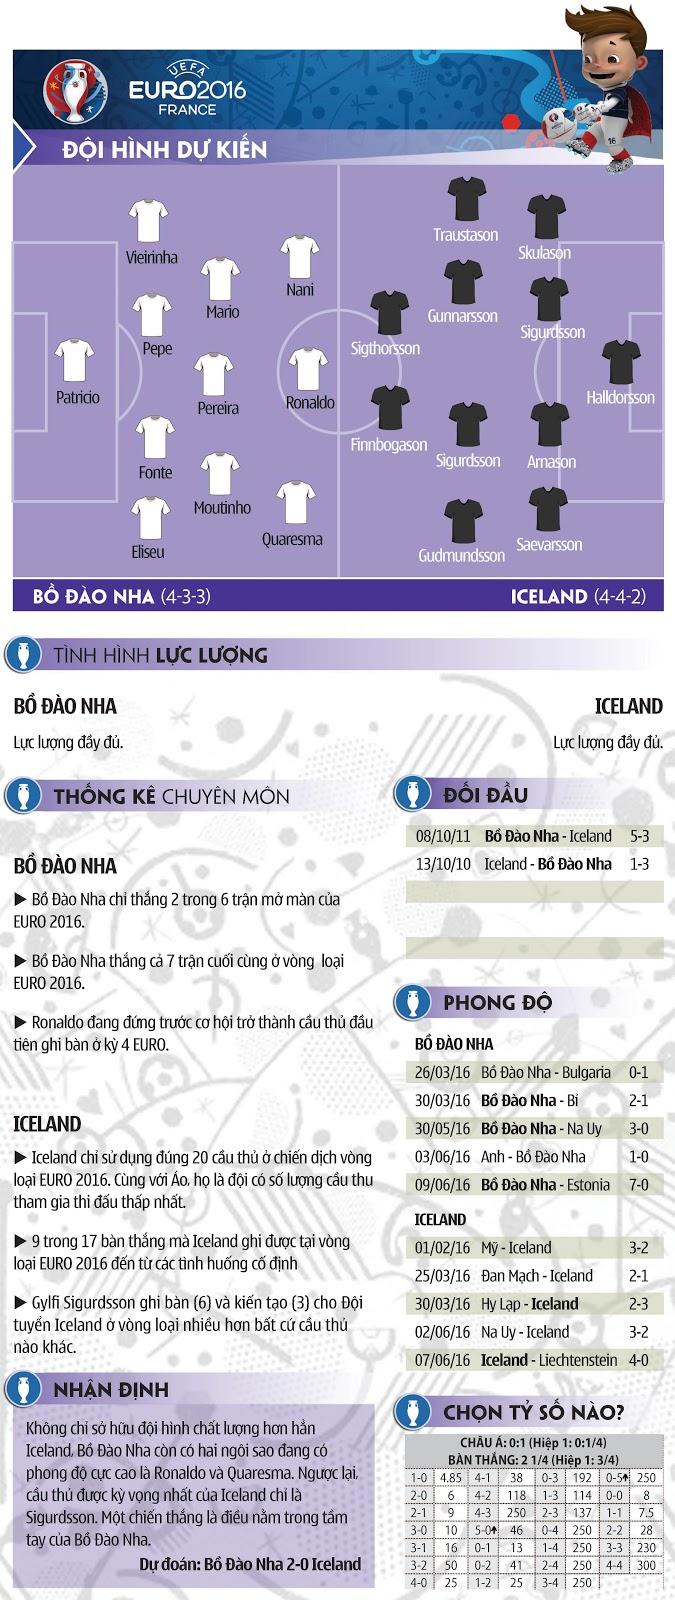 02h00 ngày 15/04: Bồ Đào Nha-Iceland: Kỷ lục vẫy gọi Ronaldo